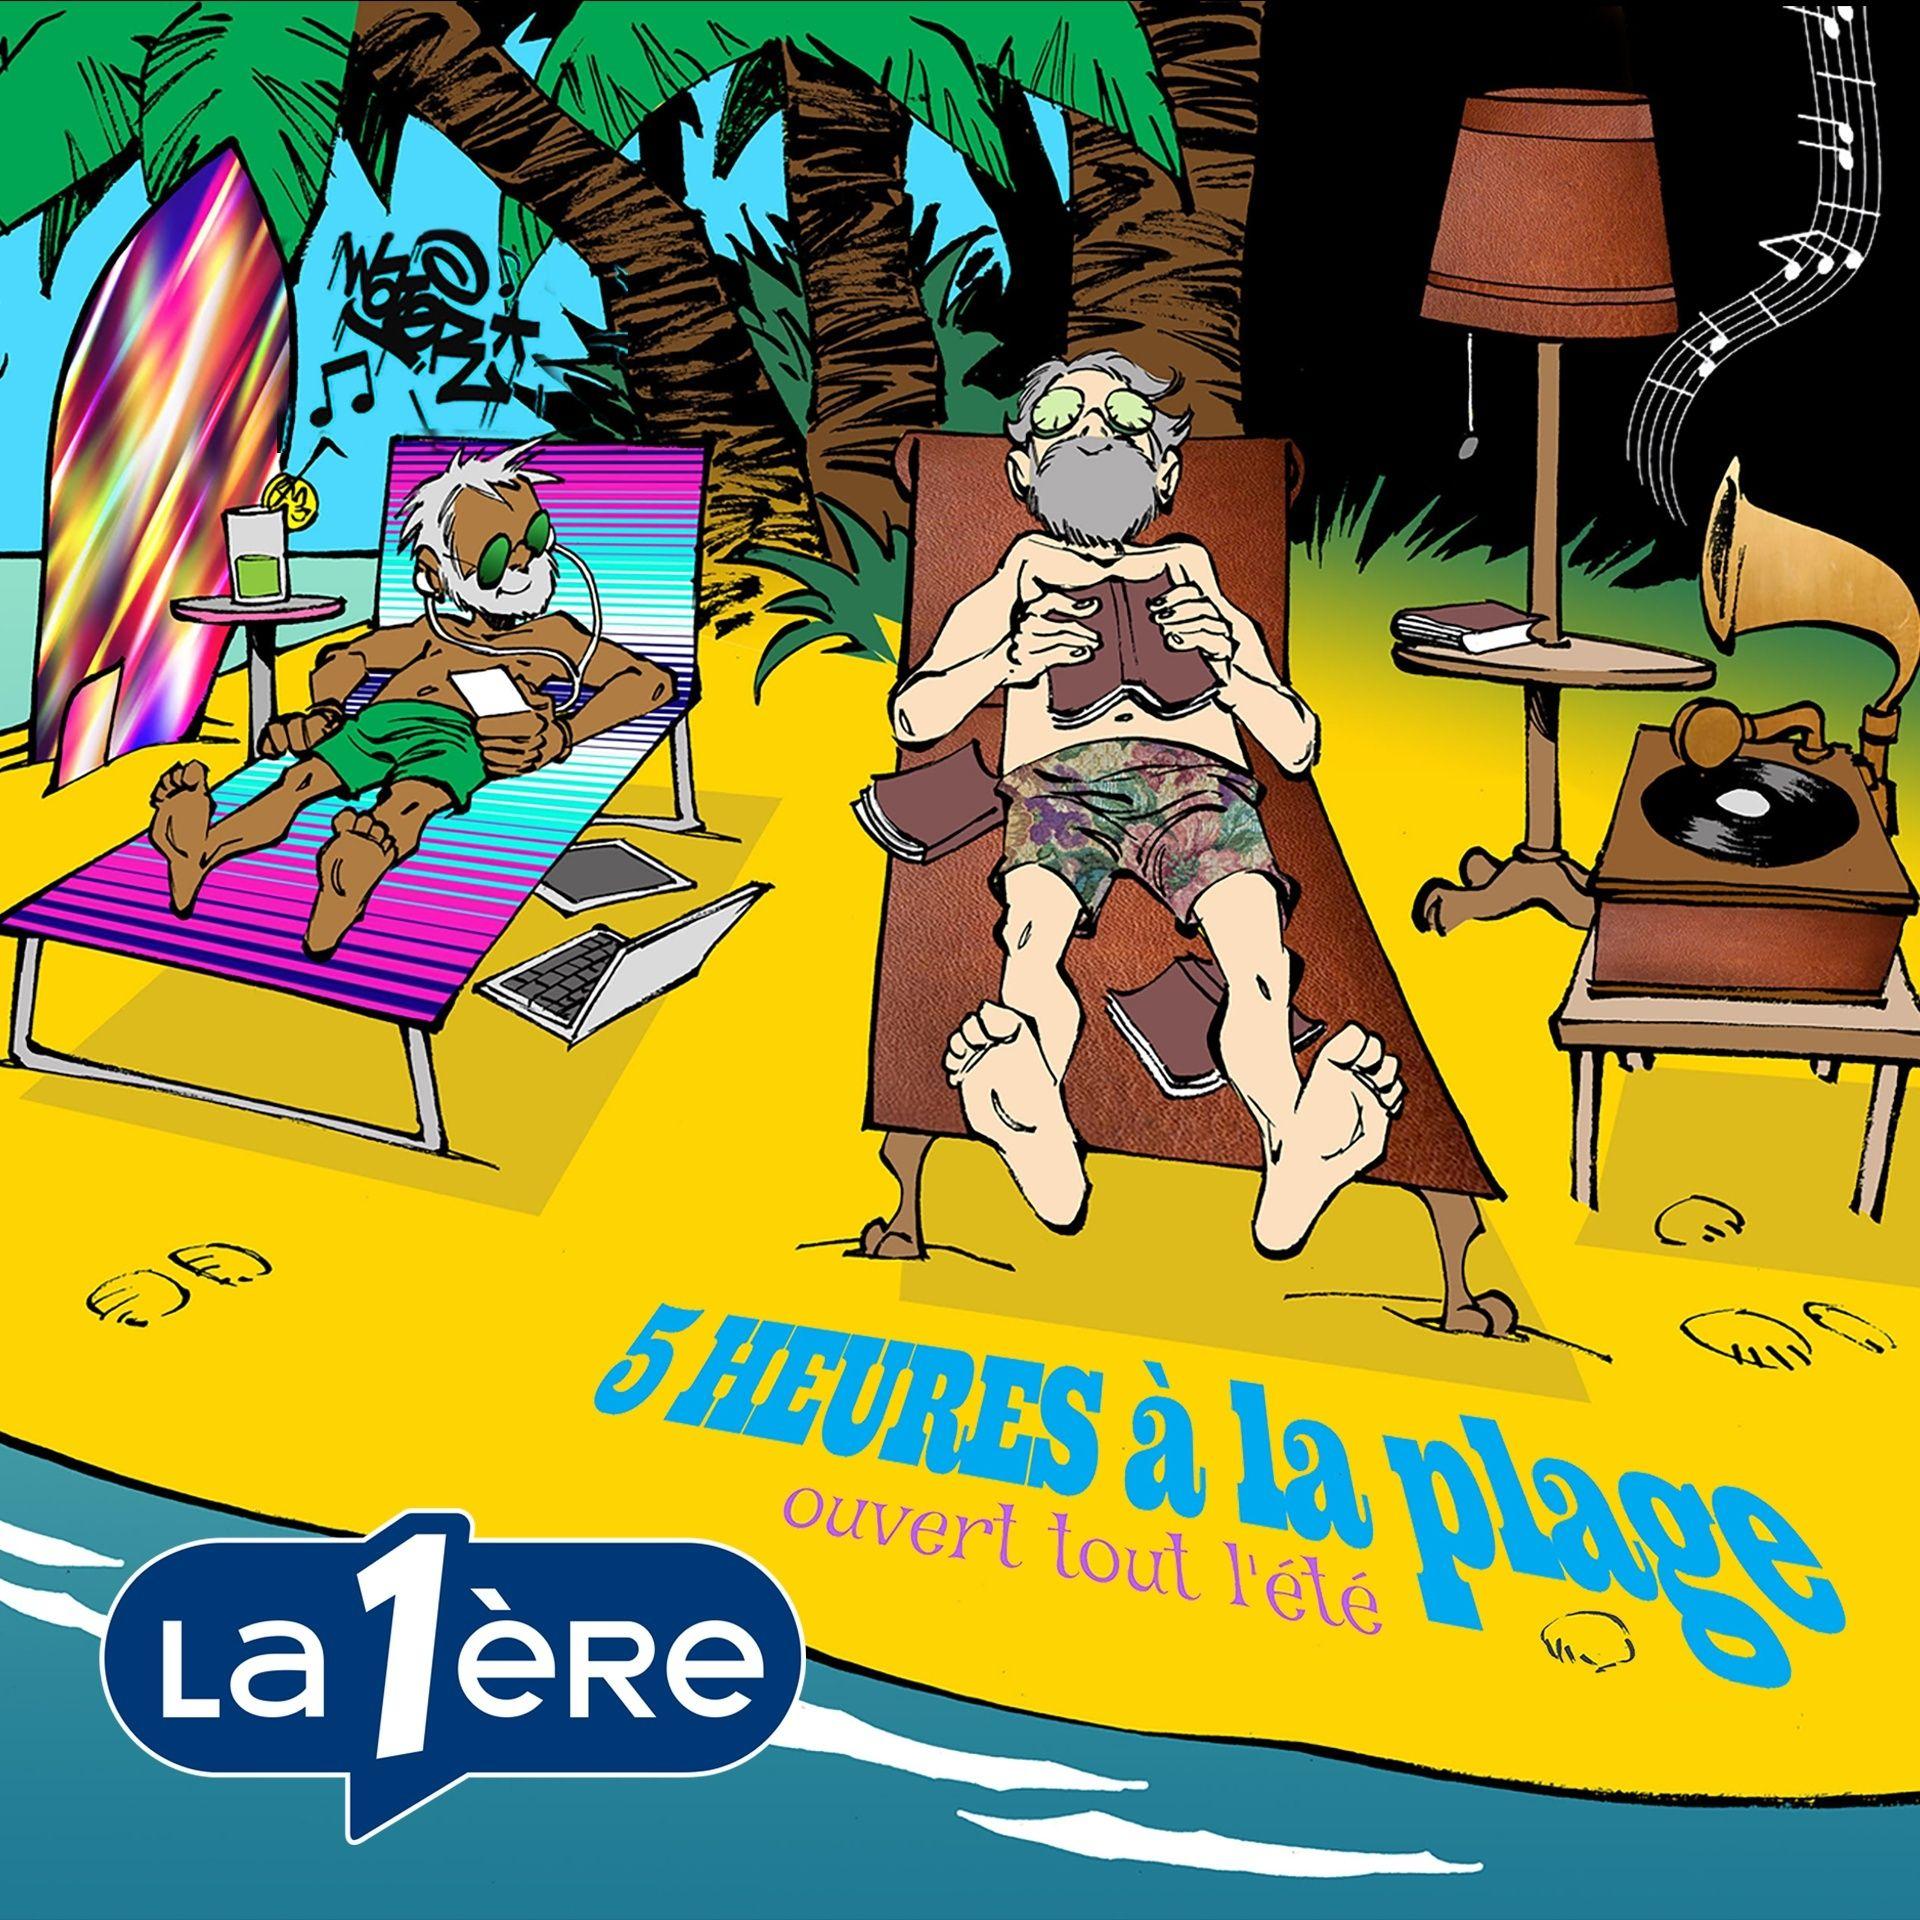 5 Heures à la Plage - Le thème du jour : Station-service - 29/06/2020